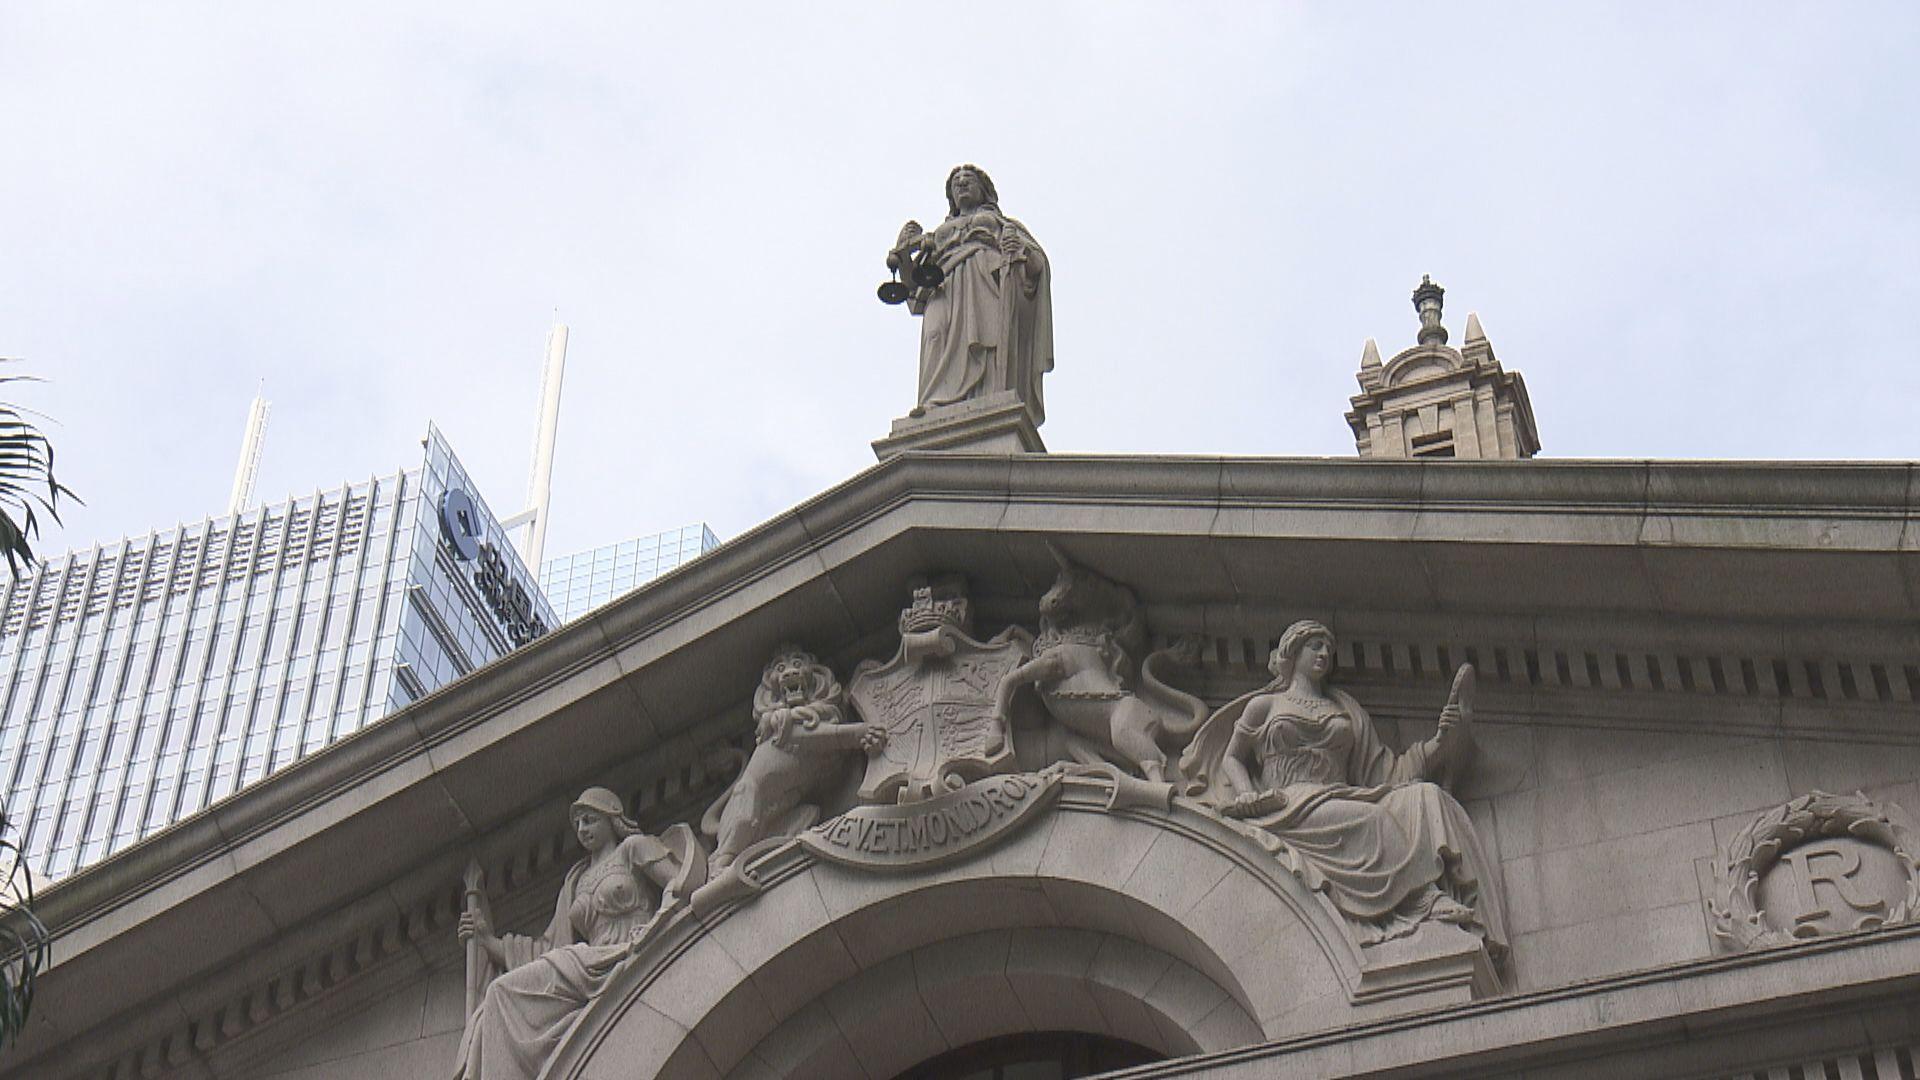 行政長官指定六名裁判官處理危害國家安全犯罪案件